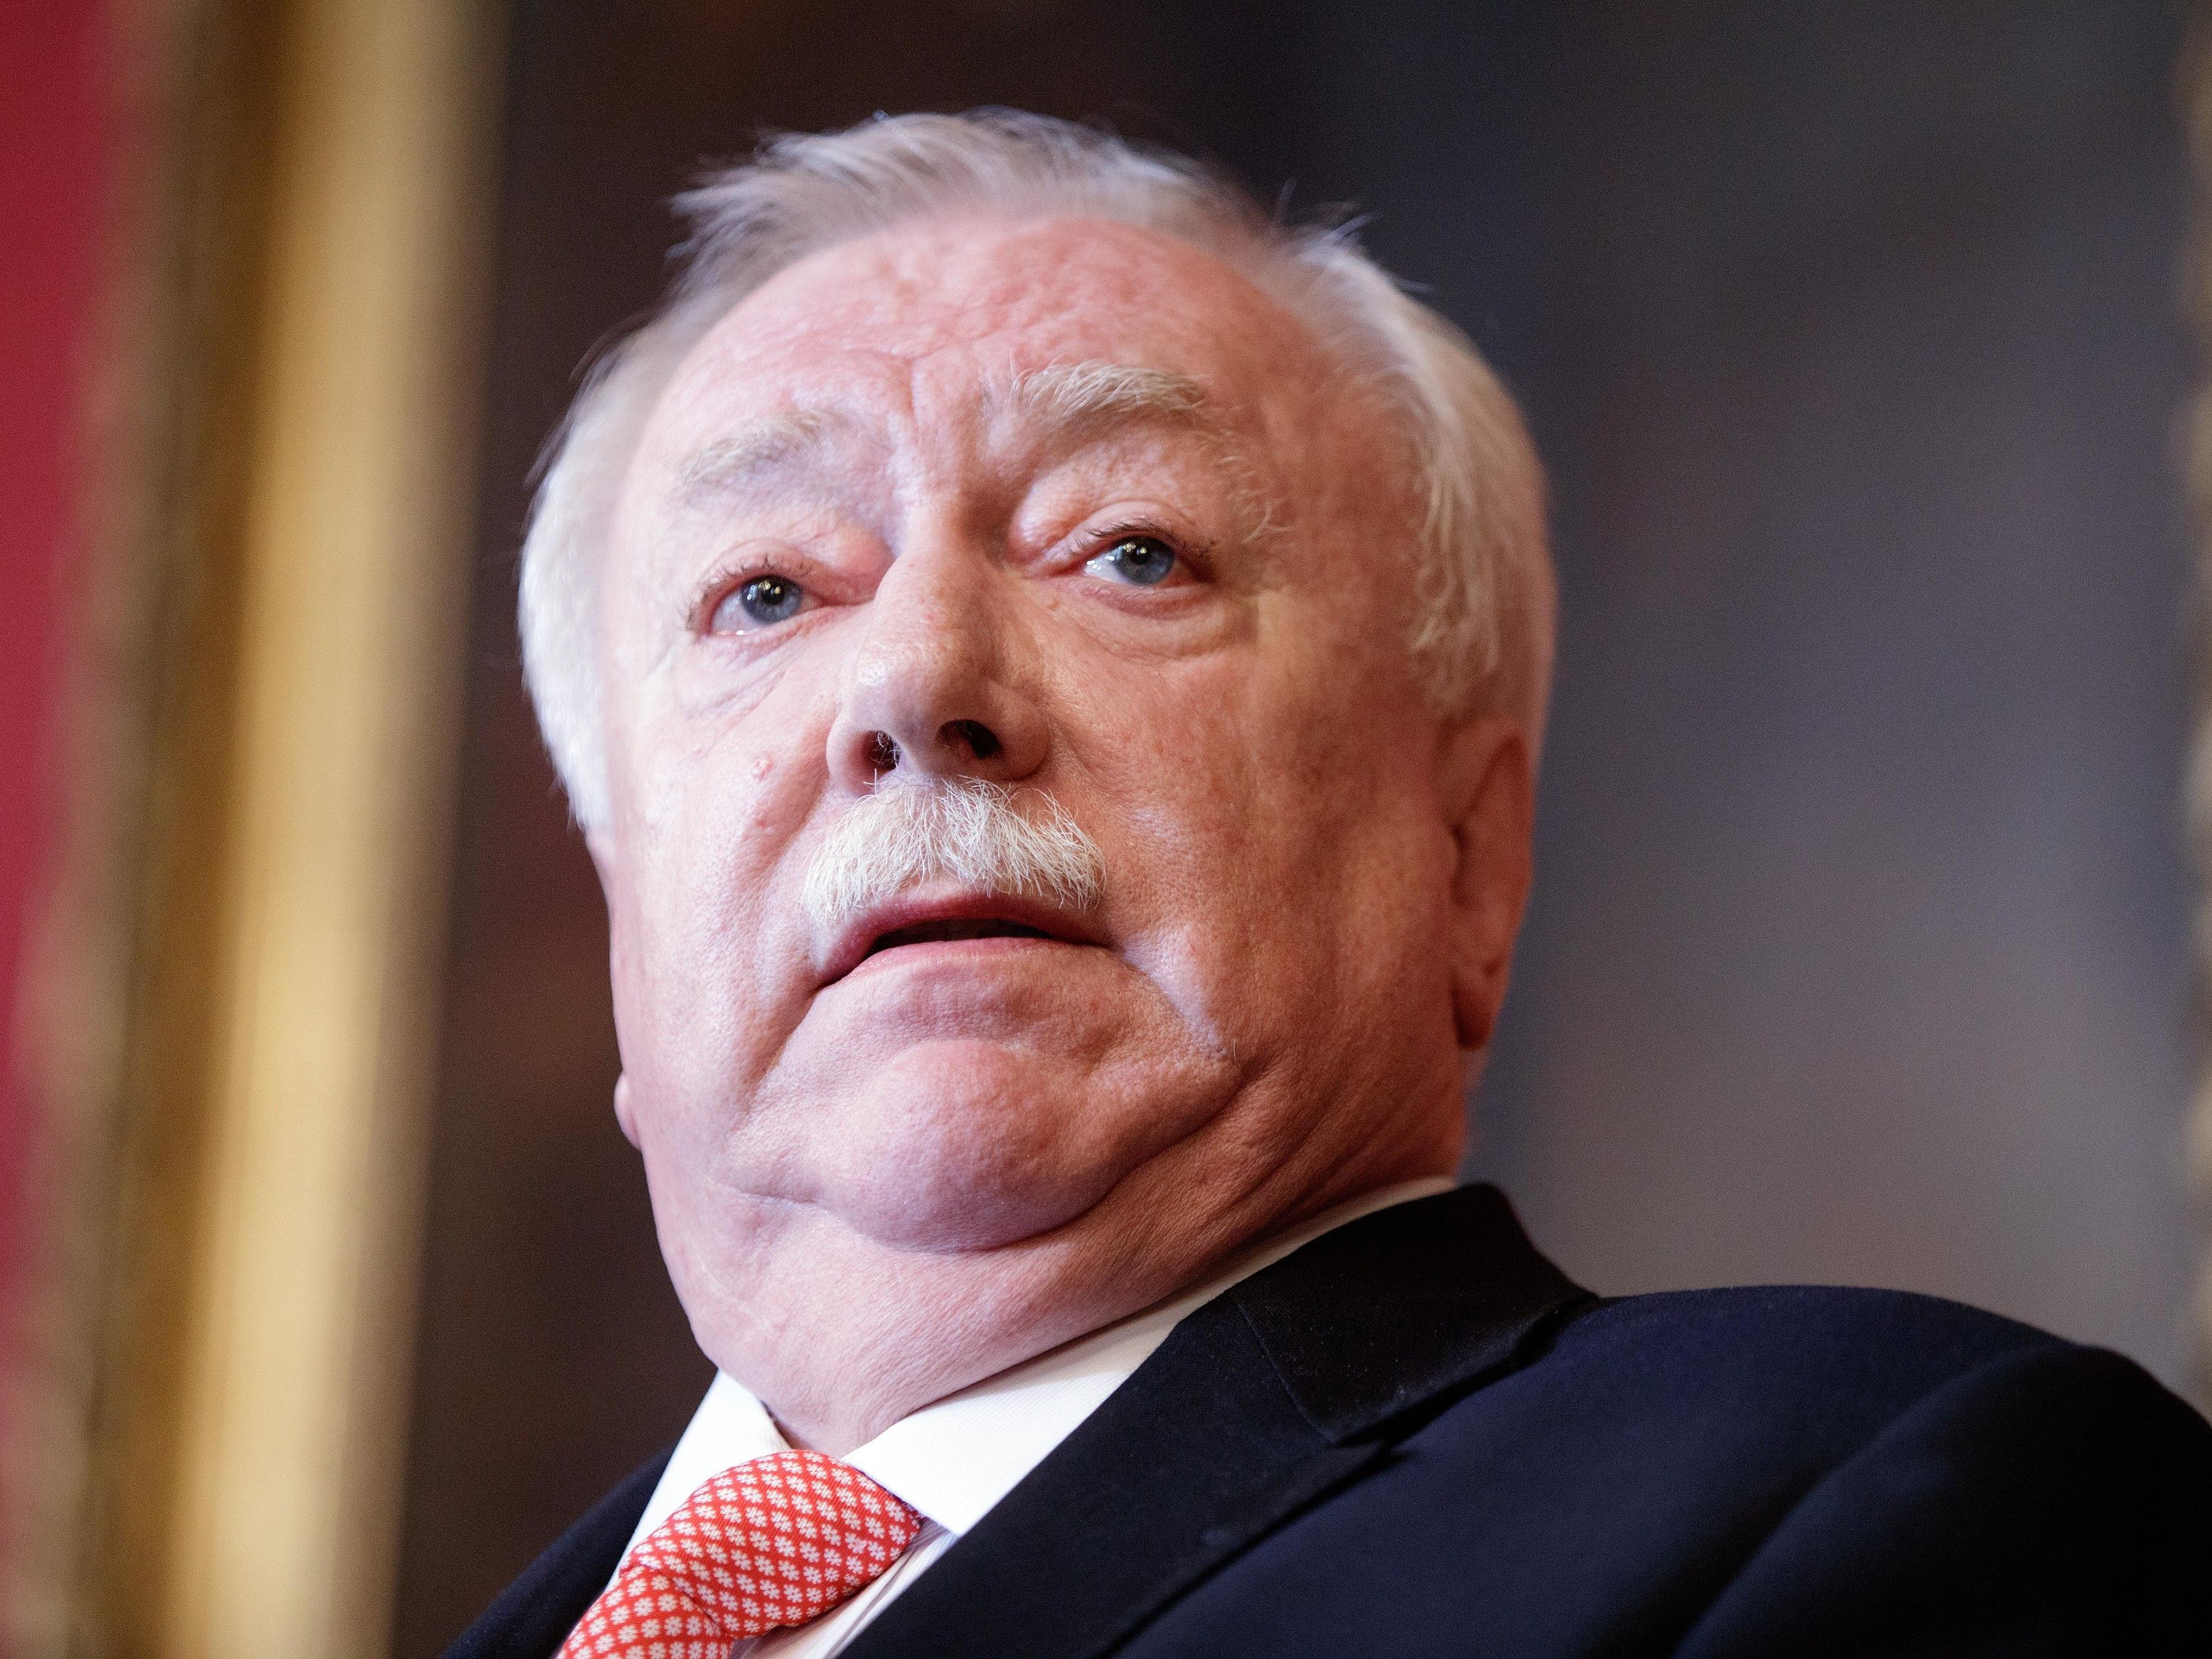 Der Wiener SPÖ-Chef und Bürgermeister Michael Häupl hat seine politischen Muskeln spielen lassen.